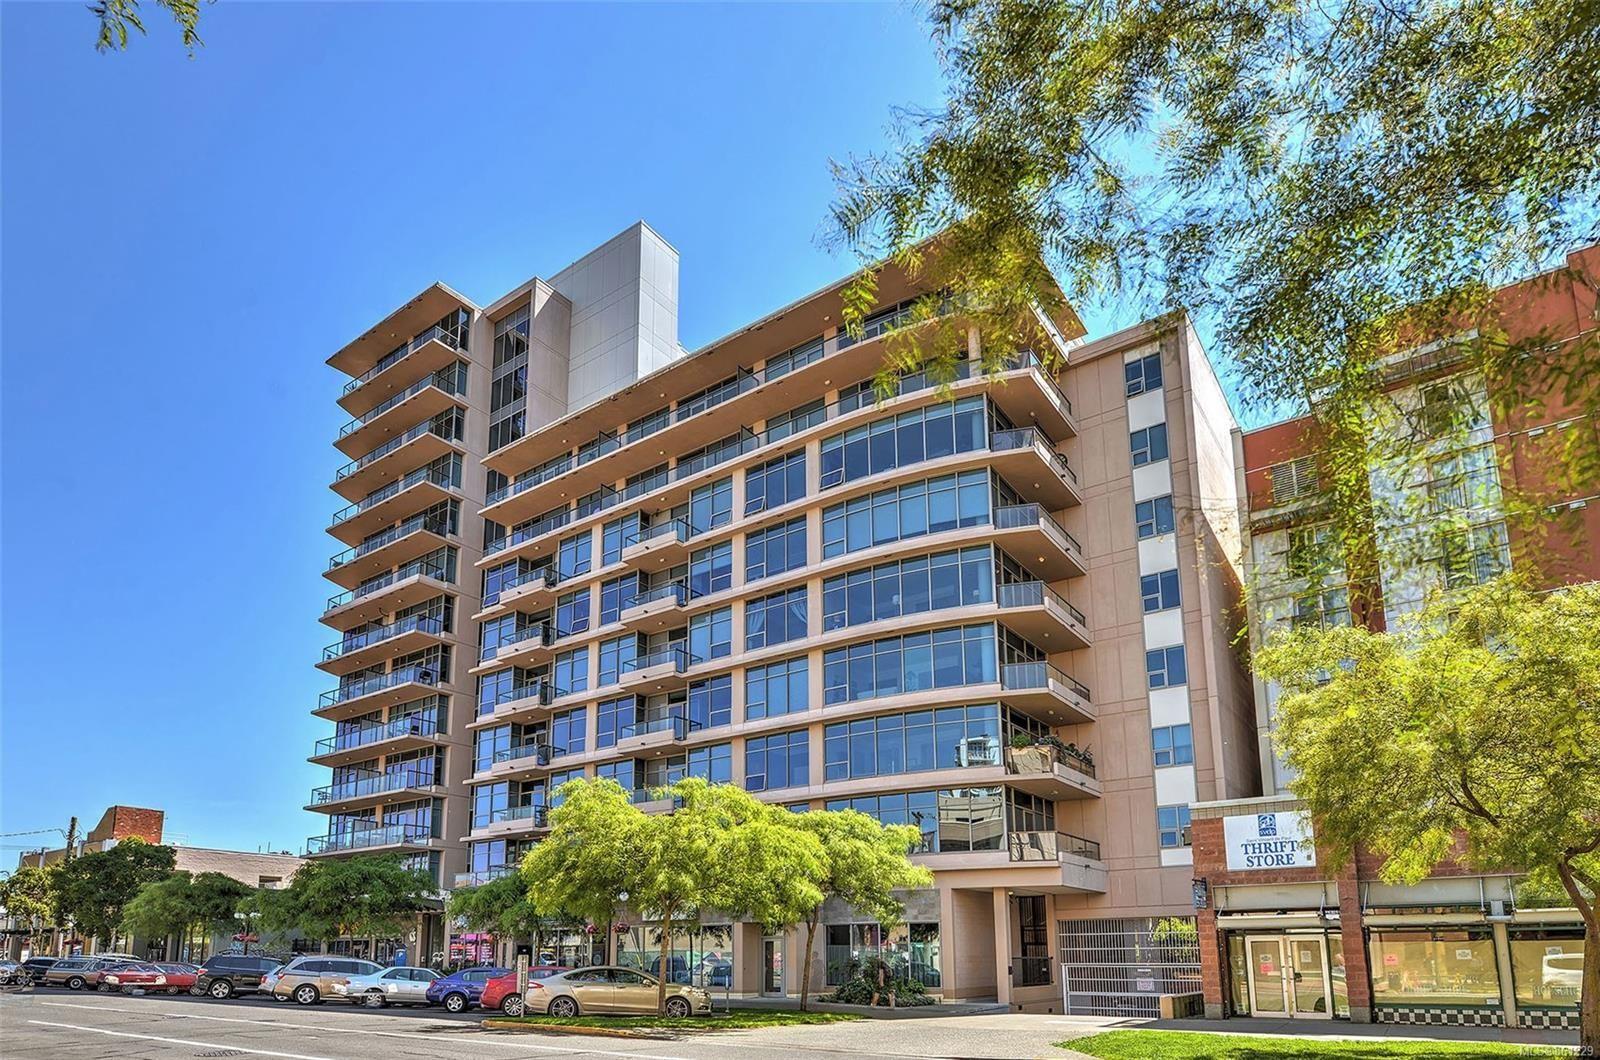 Main Photo: 703 845 Yates St in : Vi Downtown Condo for sale (Victoria)  : MLS®# 861229